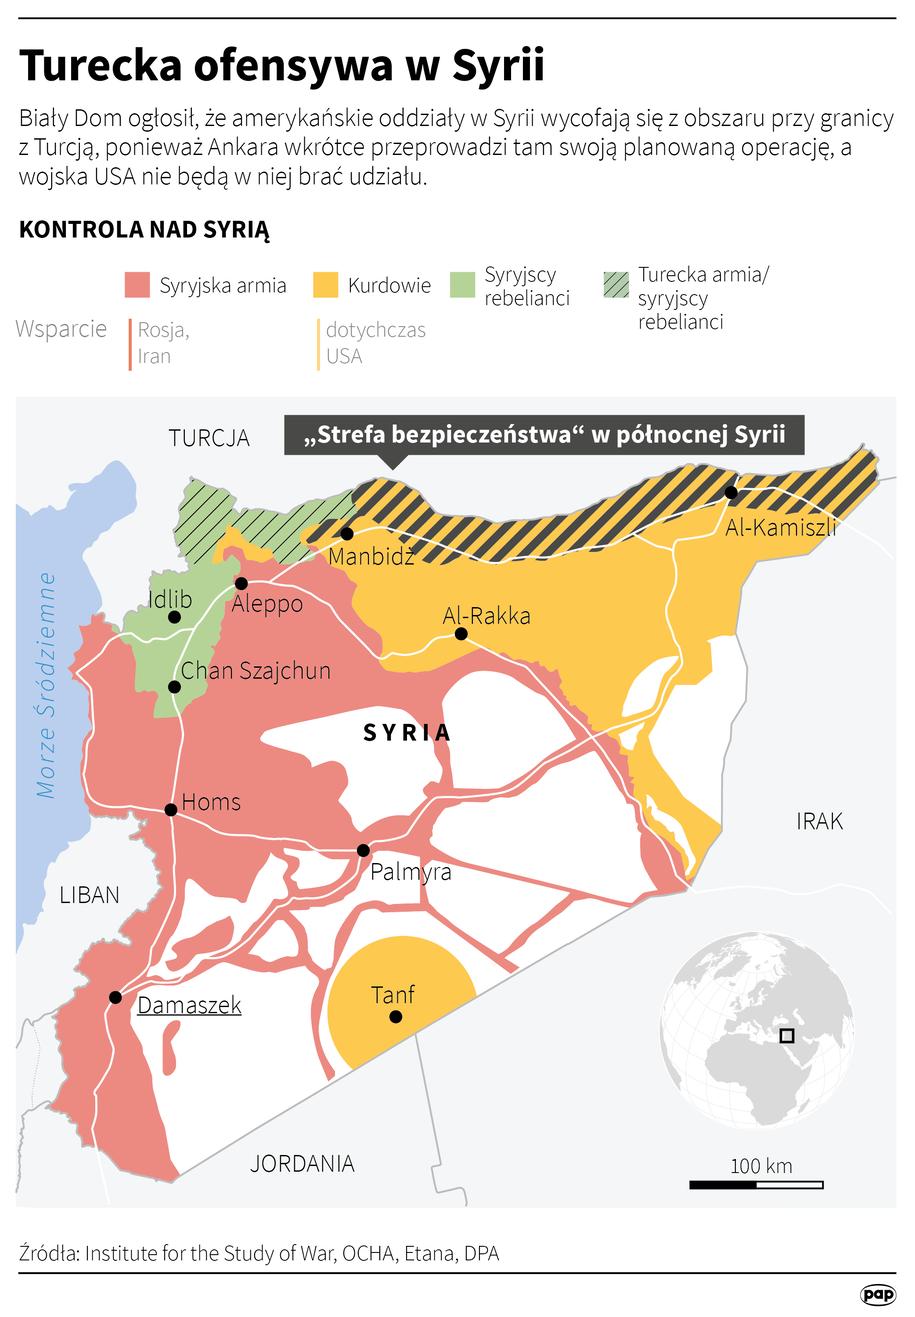 Turecka ofensywa w Syrii /PAP/REUTERS  - Maciej Zieliński /PAP